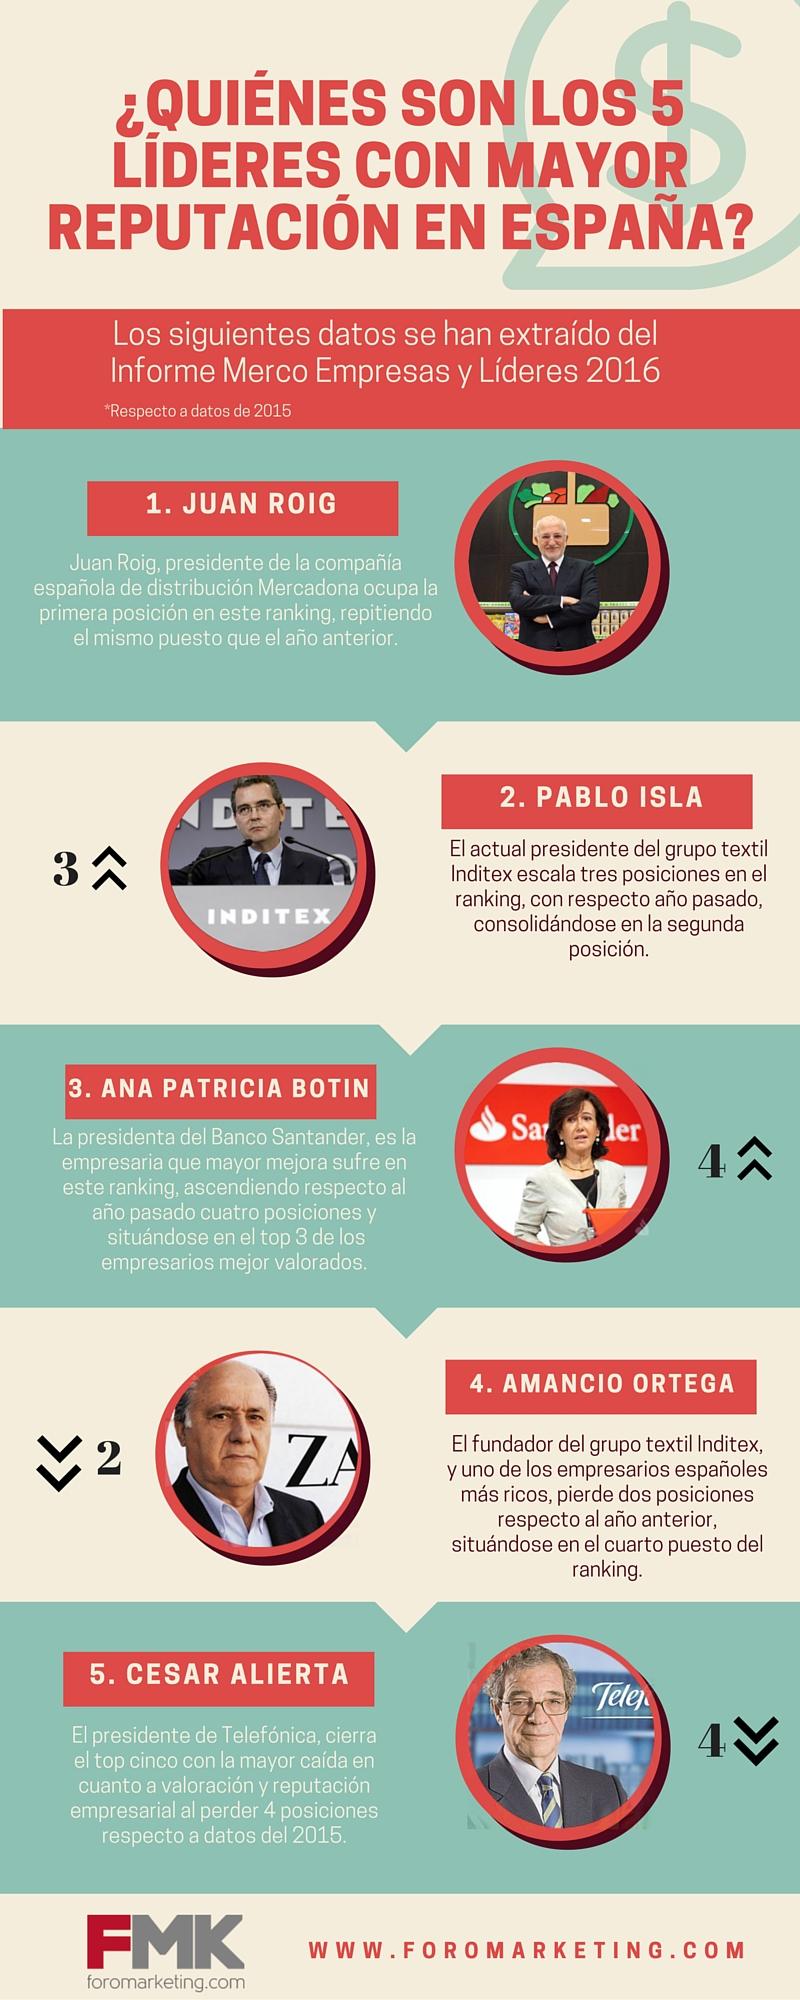 ¿Cuáles son las empresas con mejor reputación corporativa en España?